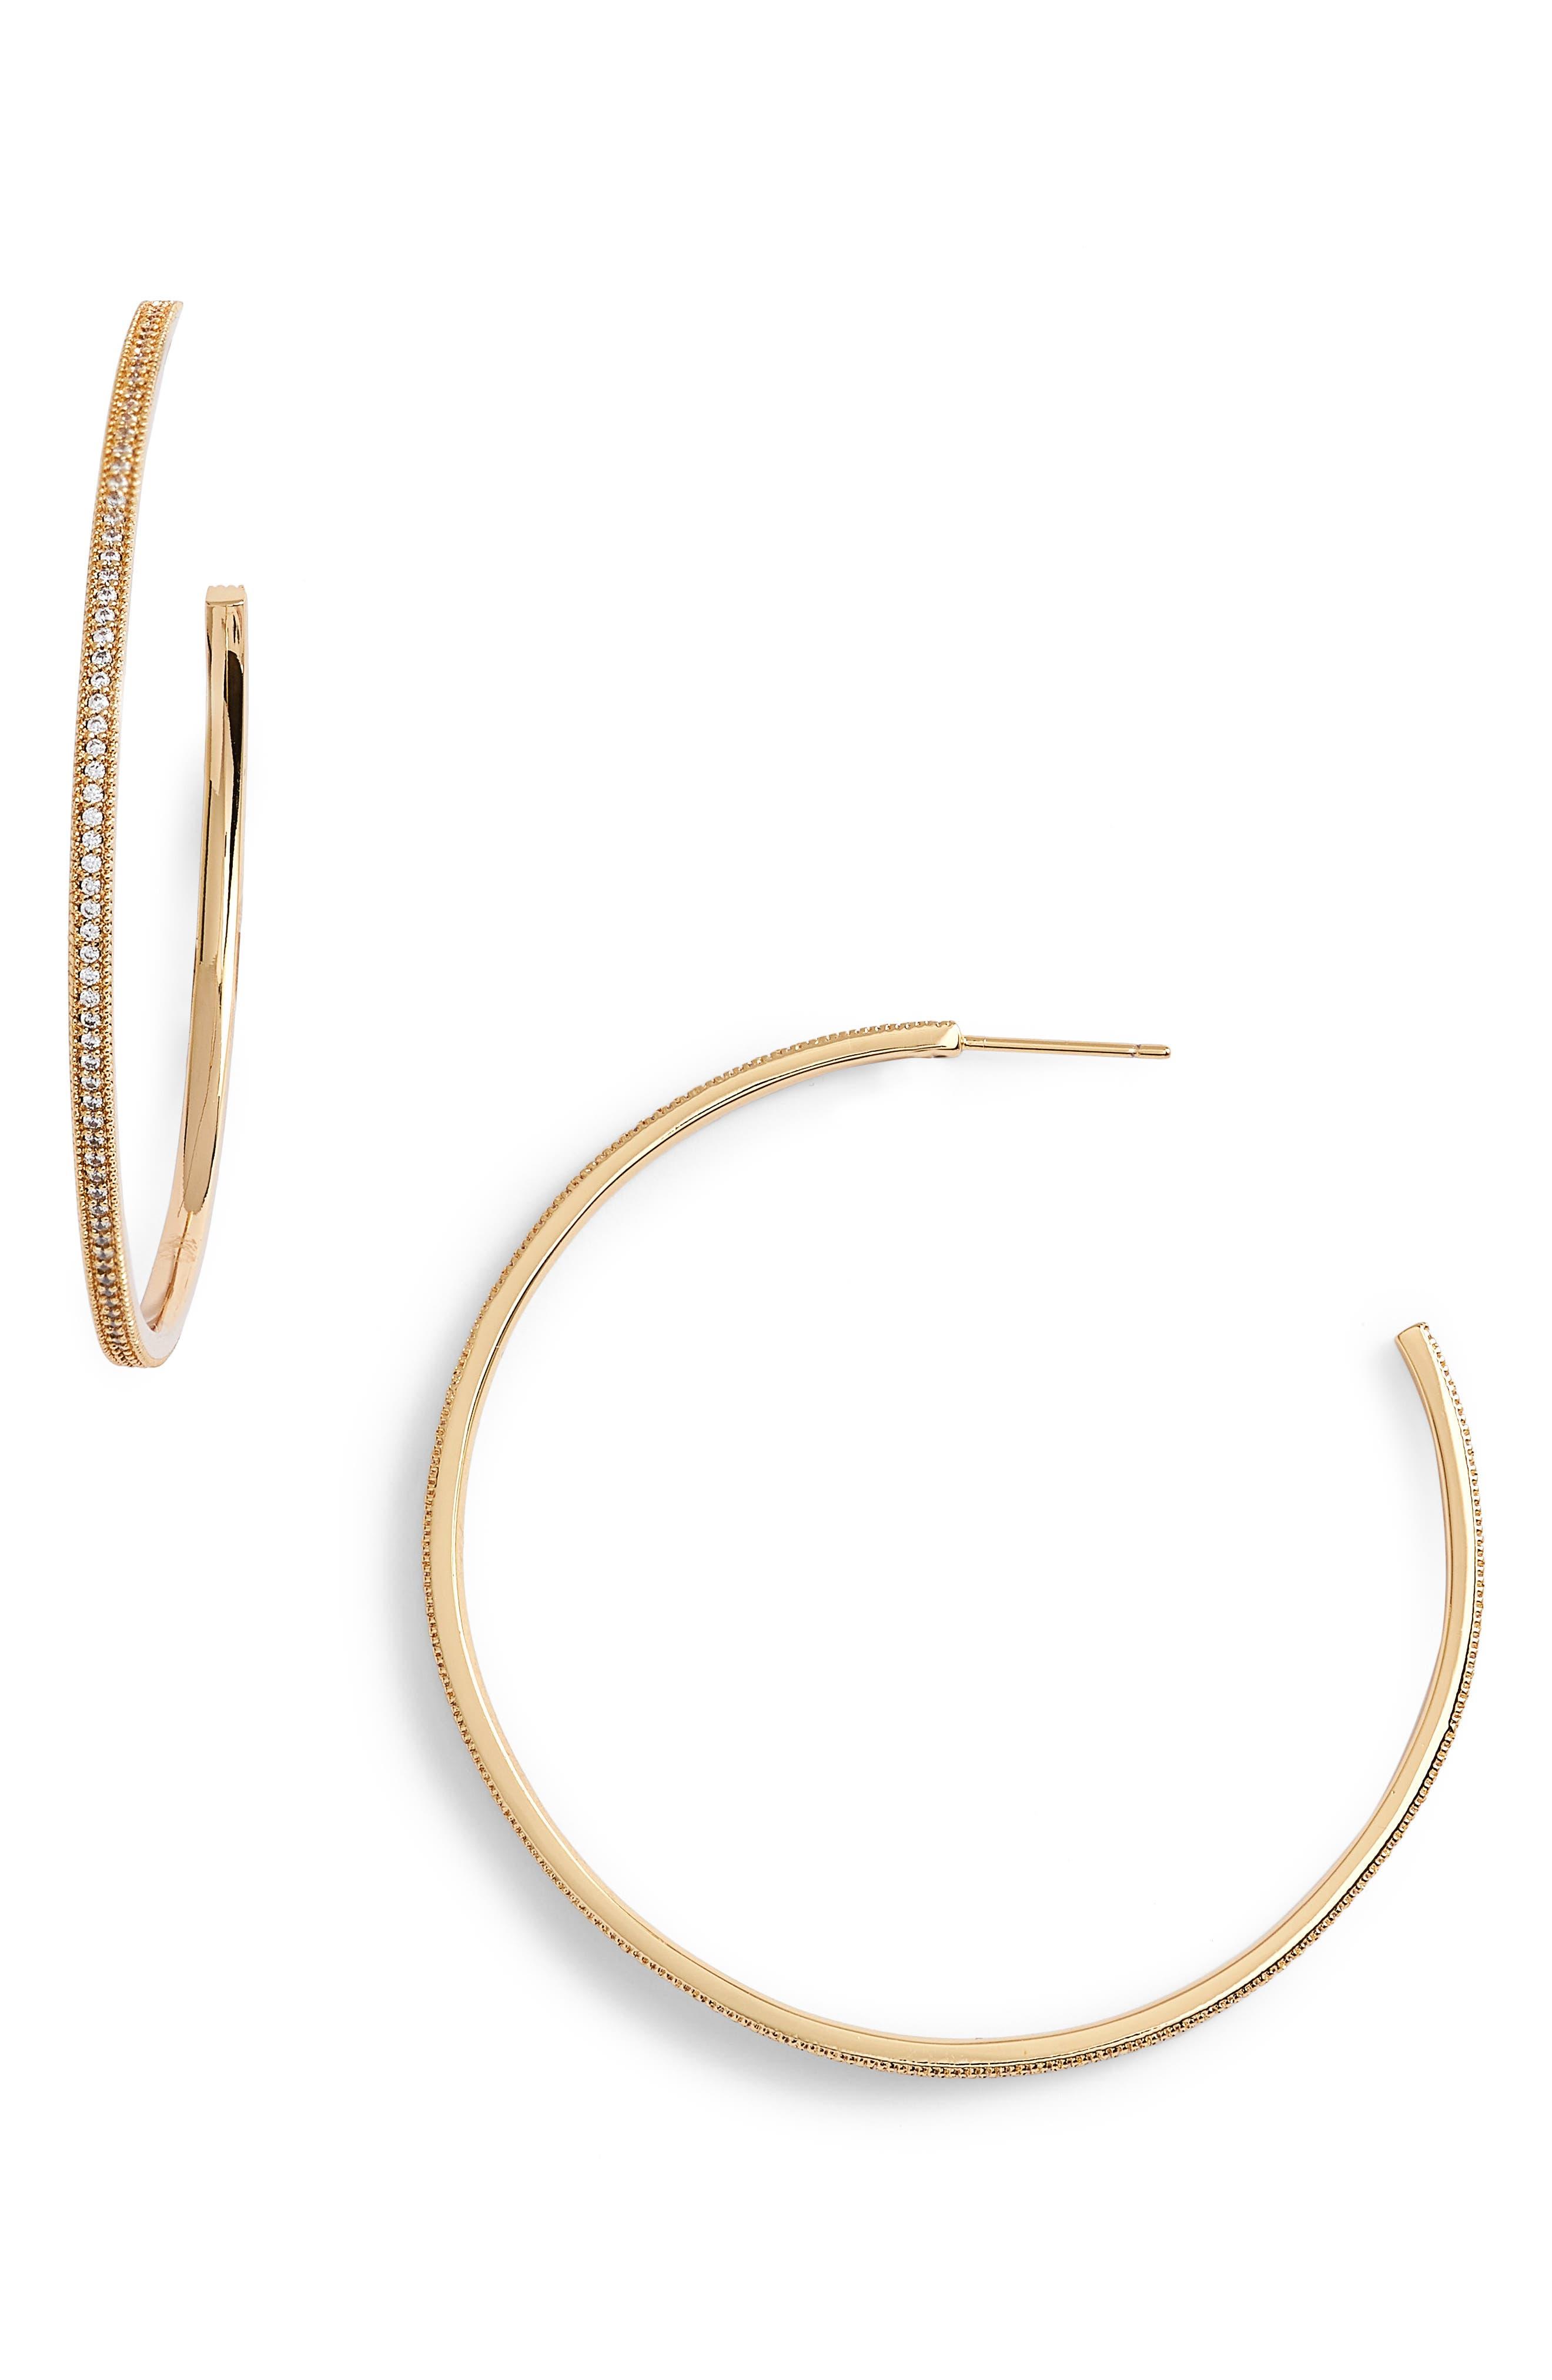 Lulu DK x We Wore What Large Hoop Earrings